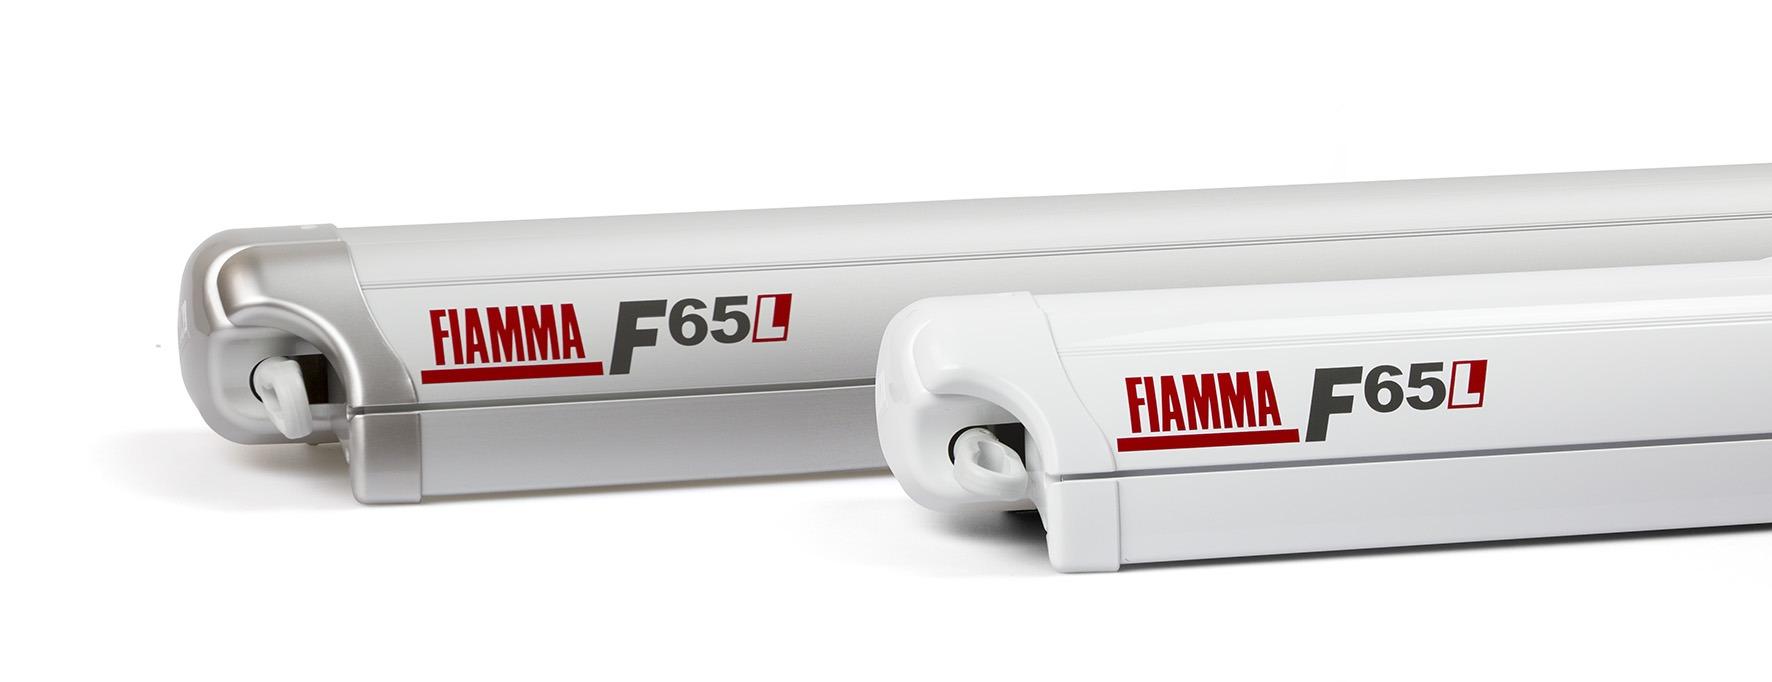 Fiamma F65L